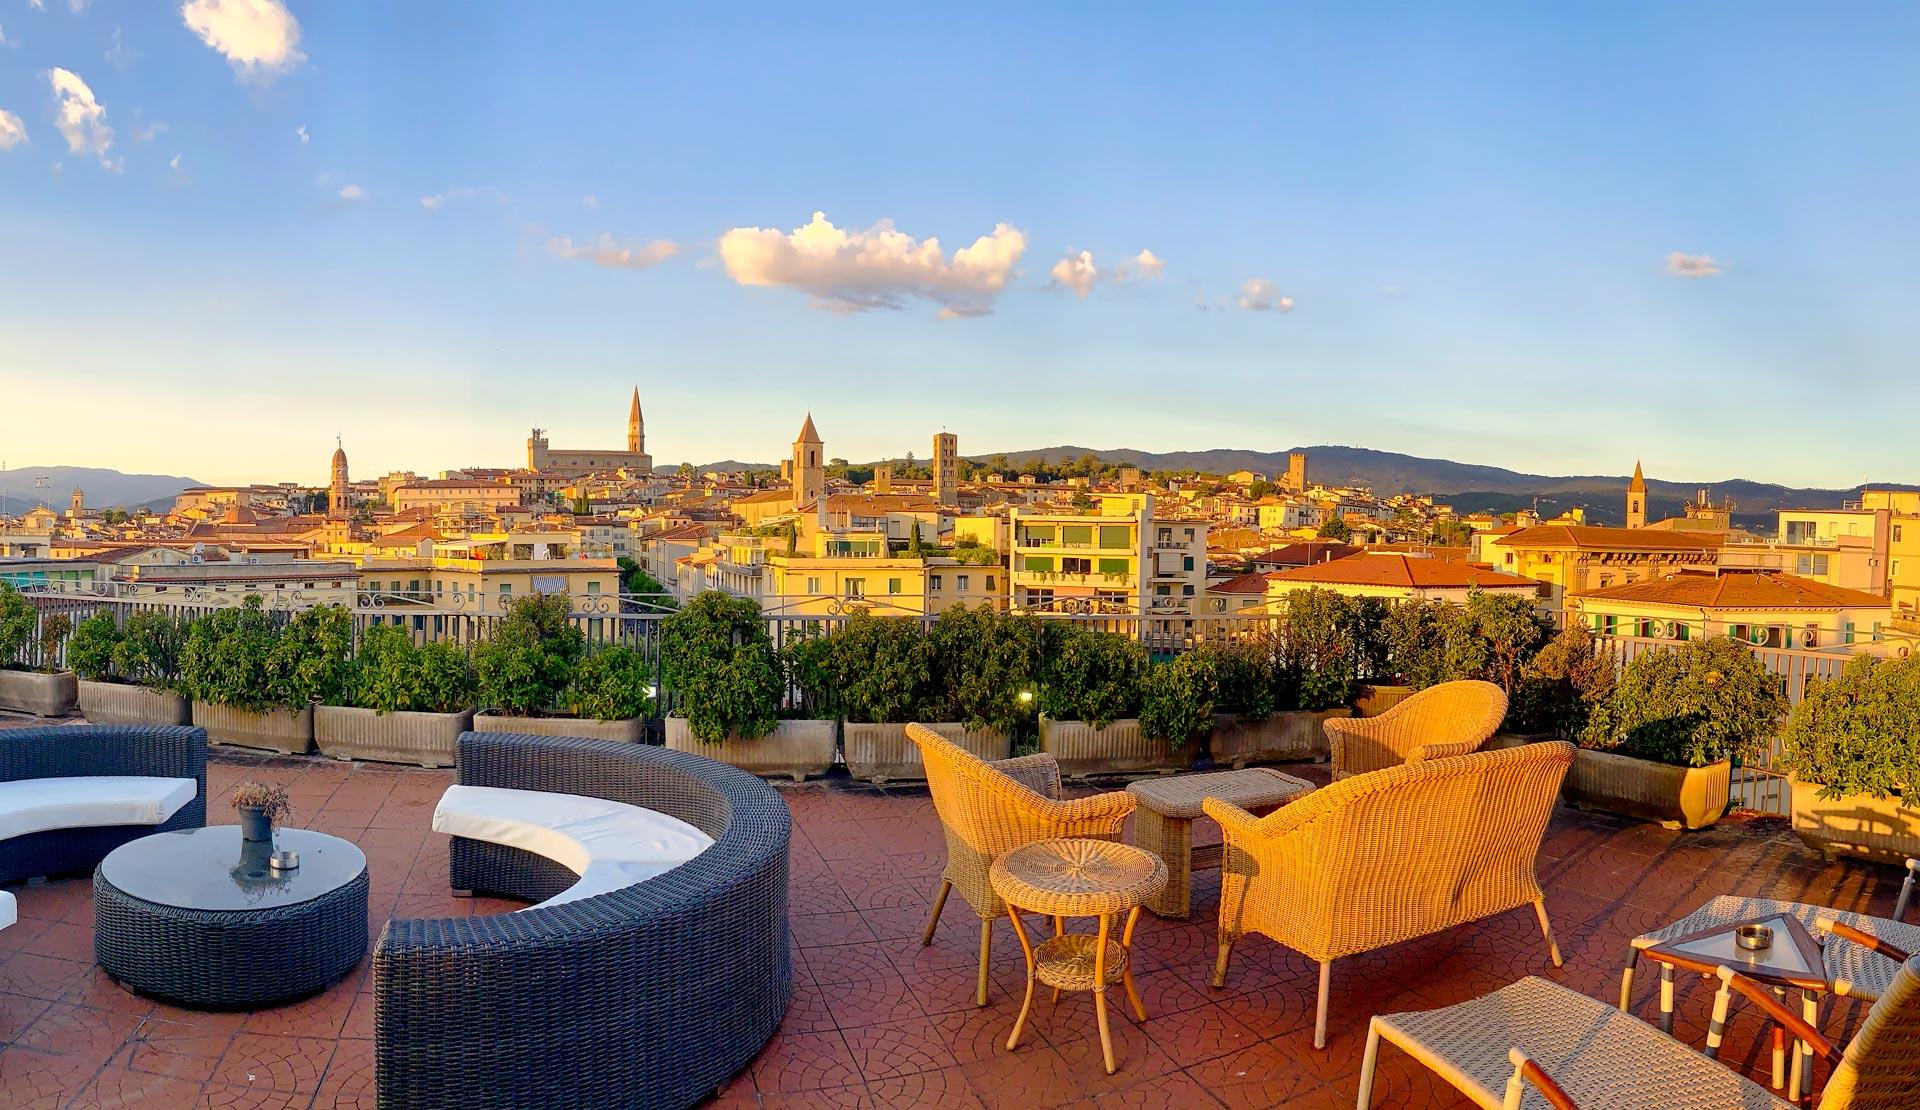 Miglior hotel ad Arezzo – Toscana